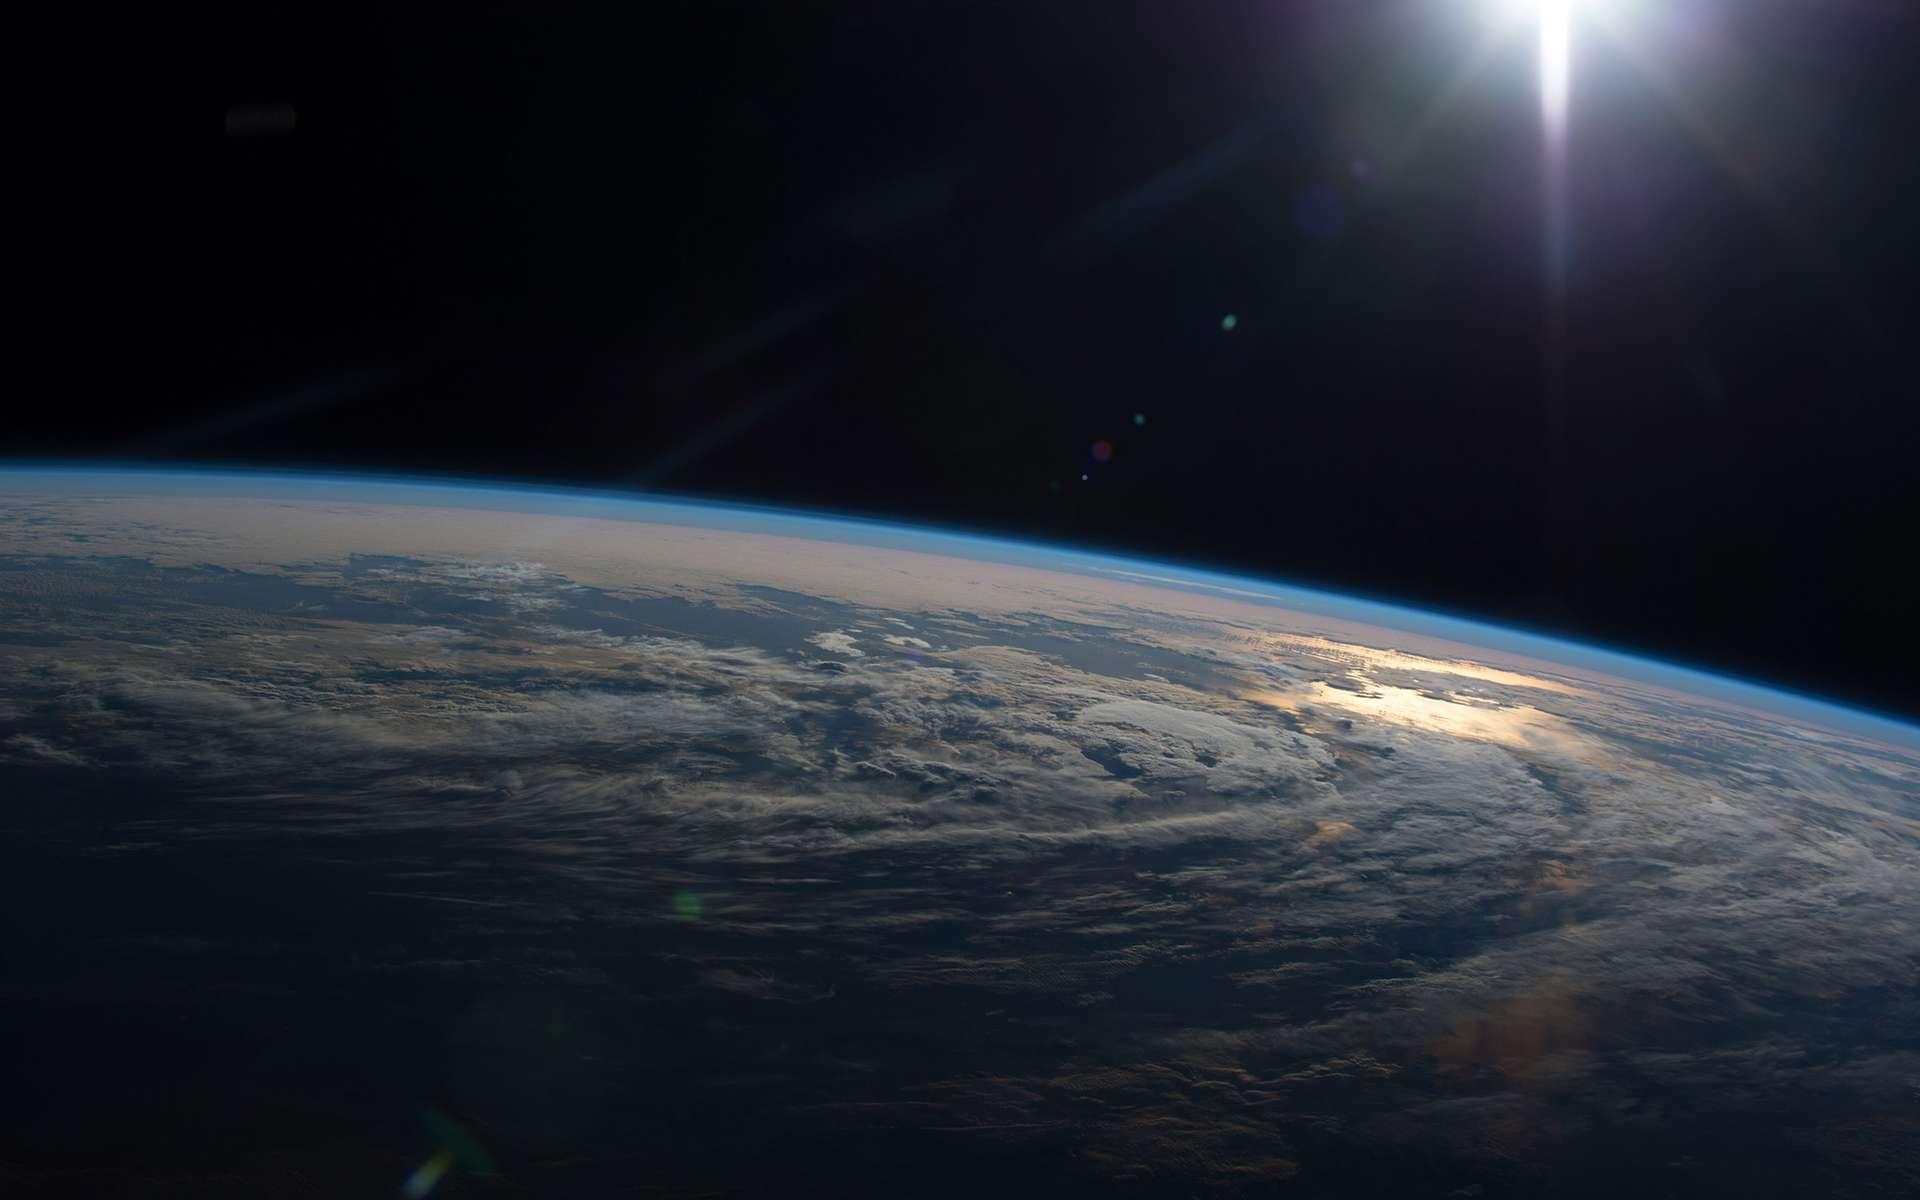 L'utilisation de l'espace pour tous : c'est le pari du Bureau des affaires spatiales de l'ONU qui veut que tous les pays membres de l'organisation puissent y accéder et l'utiliser à leur guise à des fins pacifiques. © Nasa